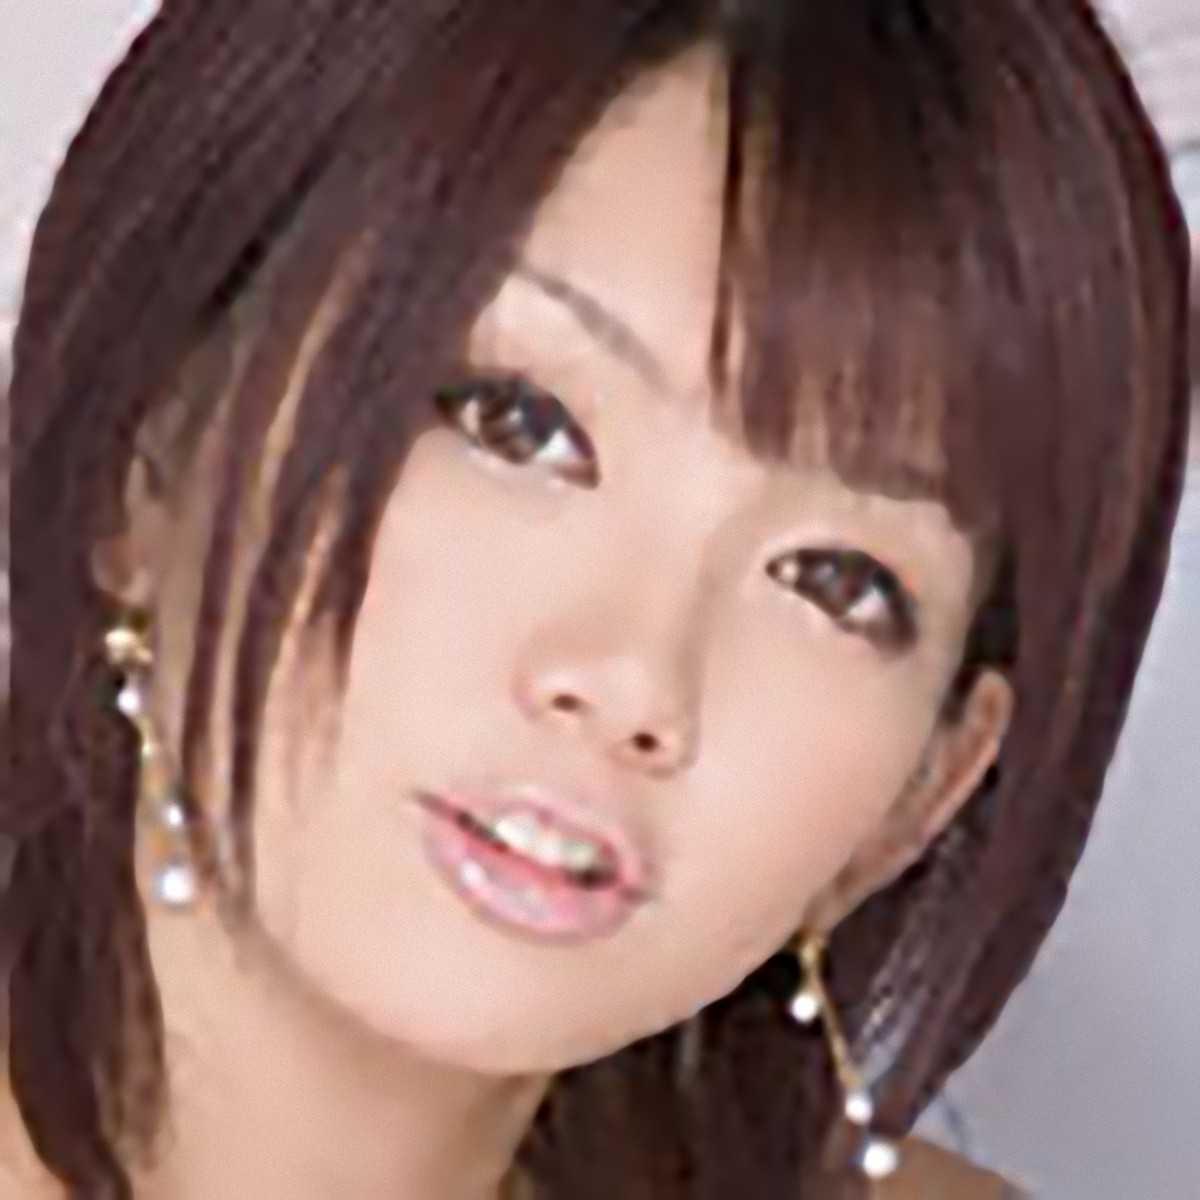 小宮山ゆきさんのプロフィールと画像集9ページ目   AV女優画像